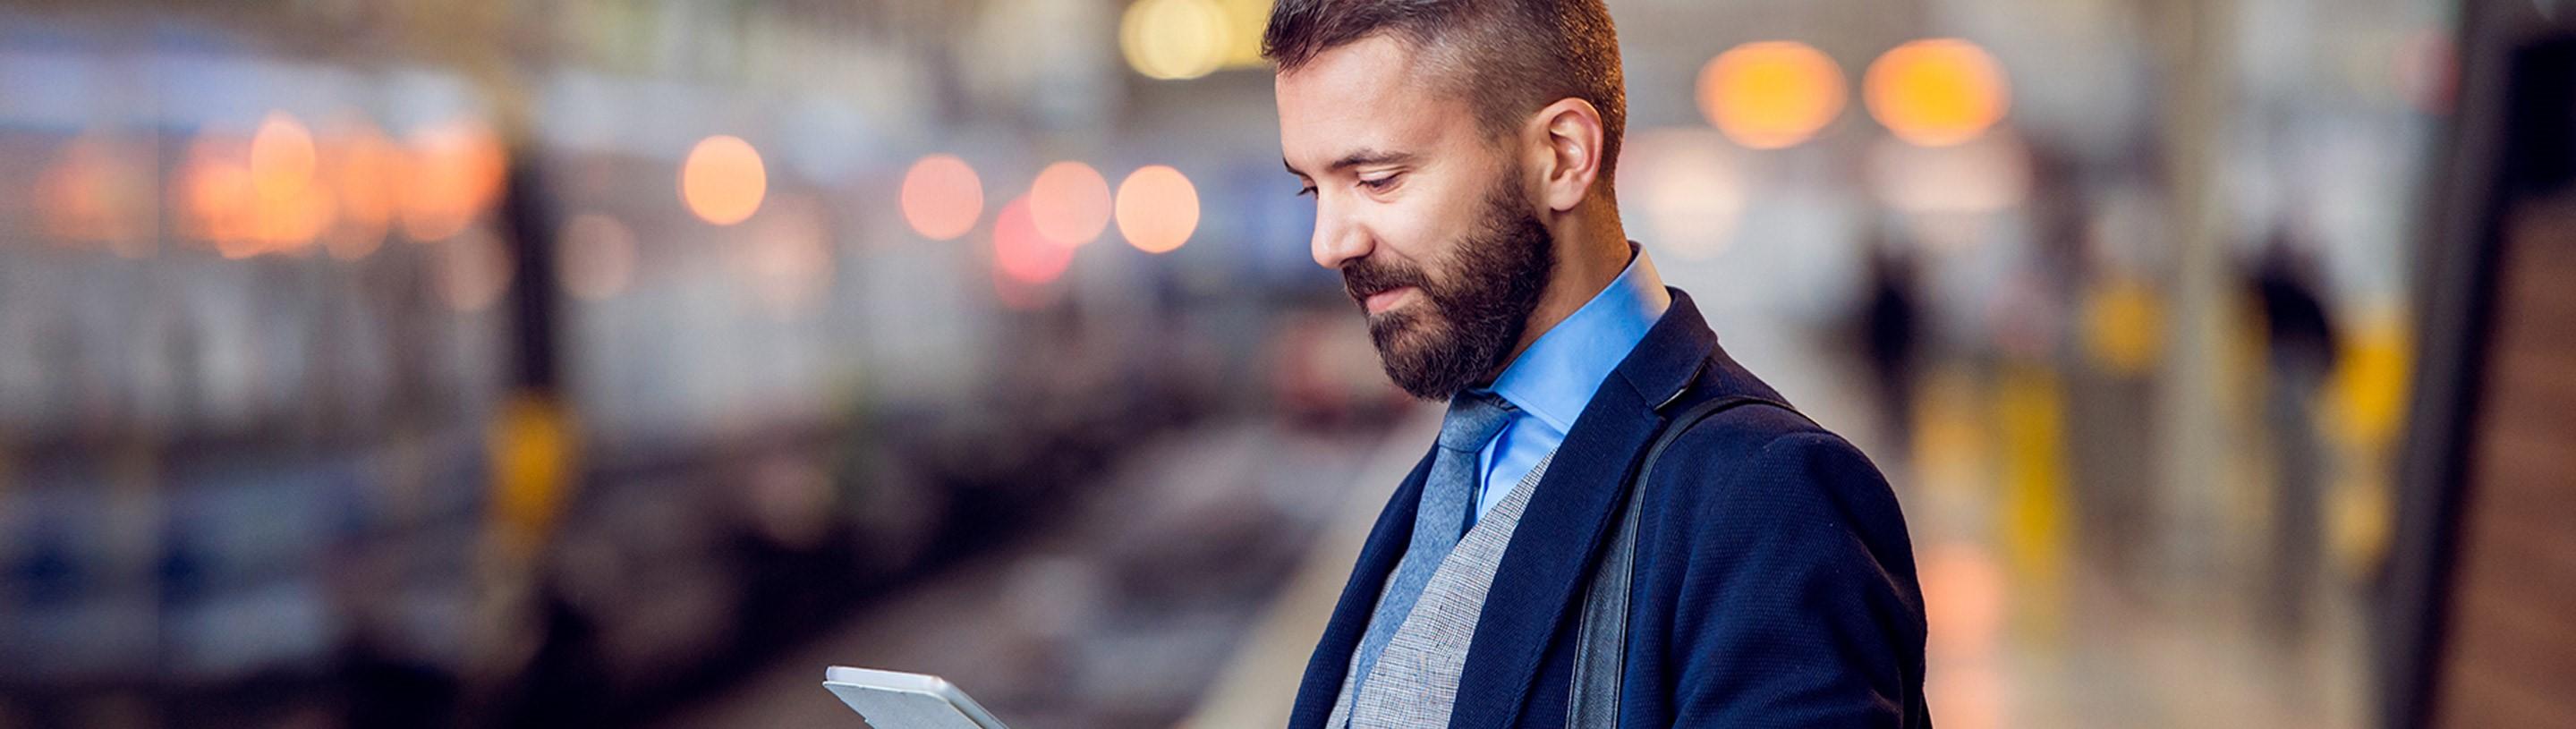 moski pregleduje ponudbo poslovnega transakcijskega racuna pravnih oseb in zasebnikov